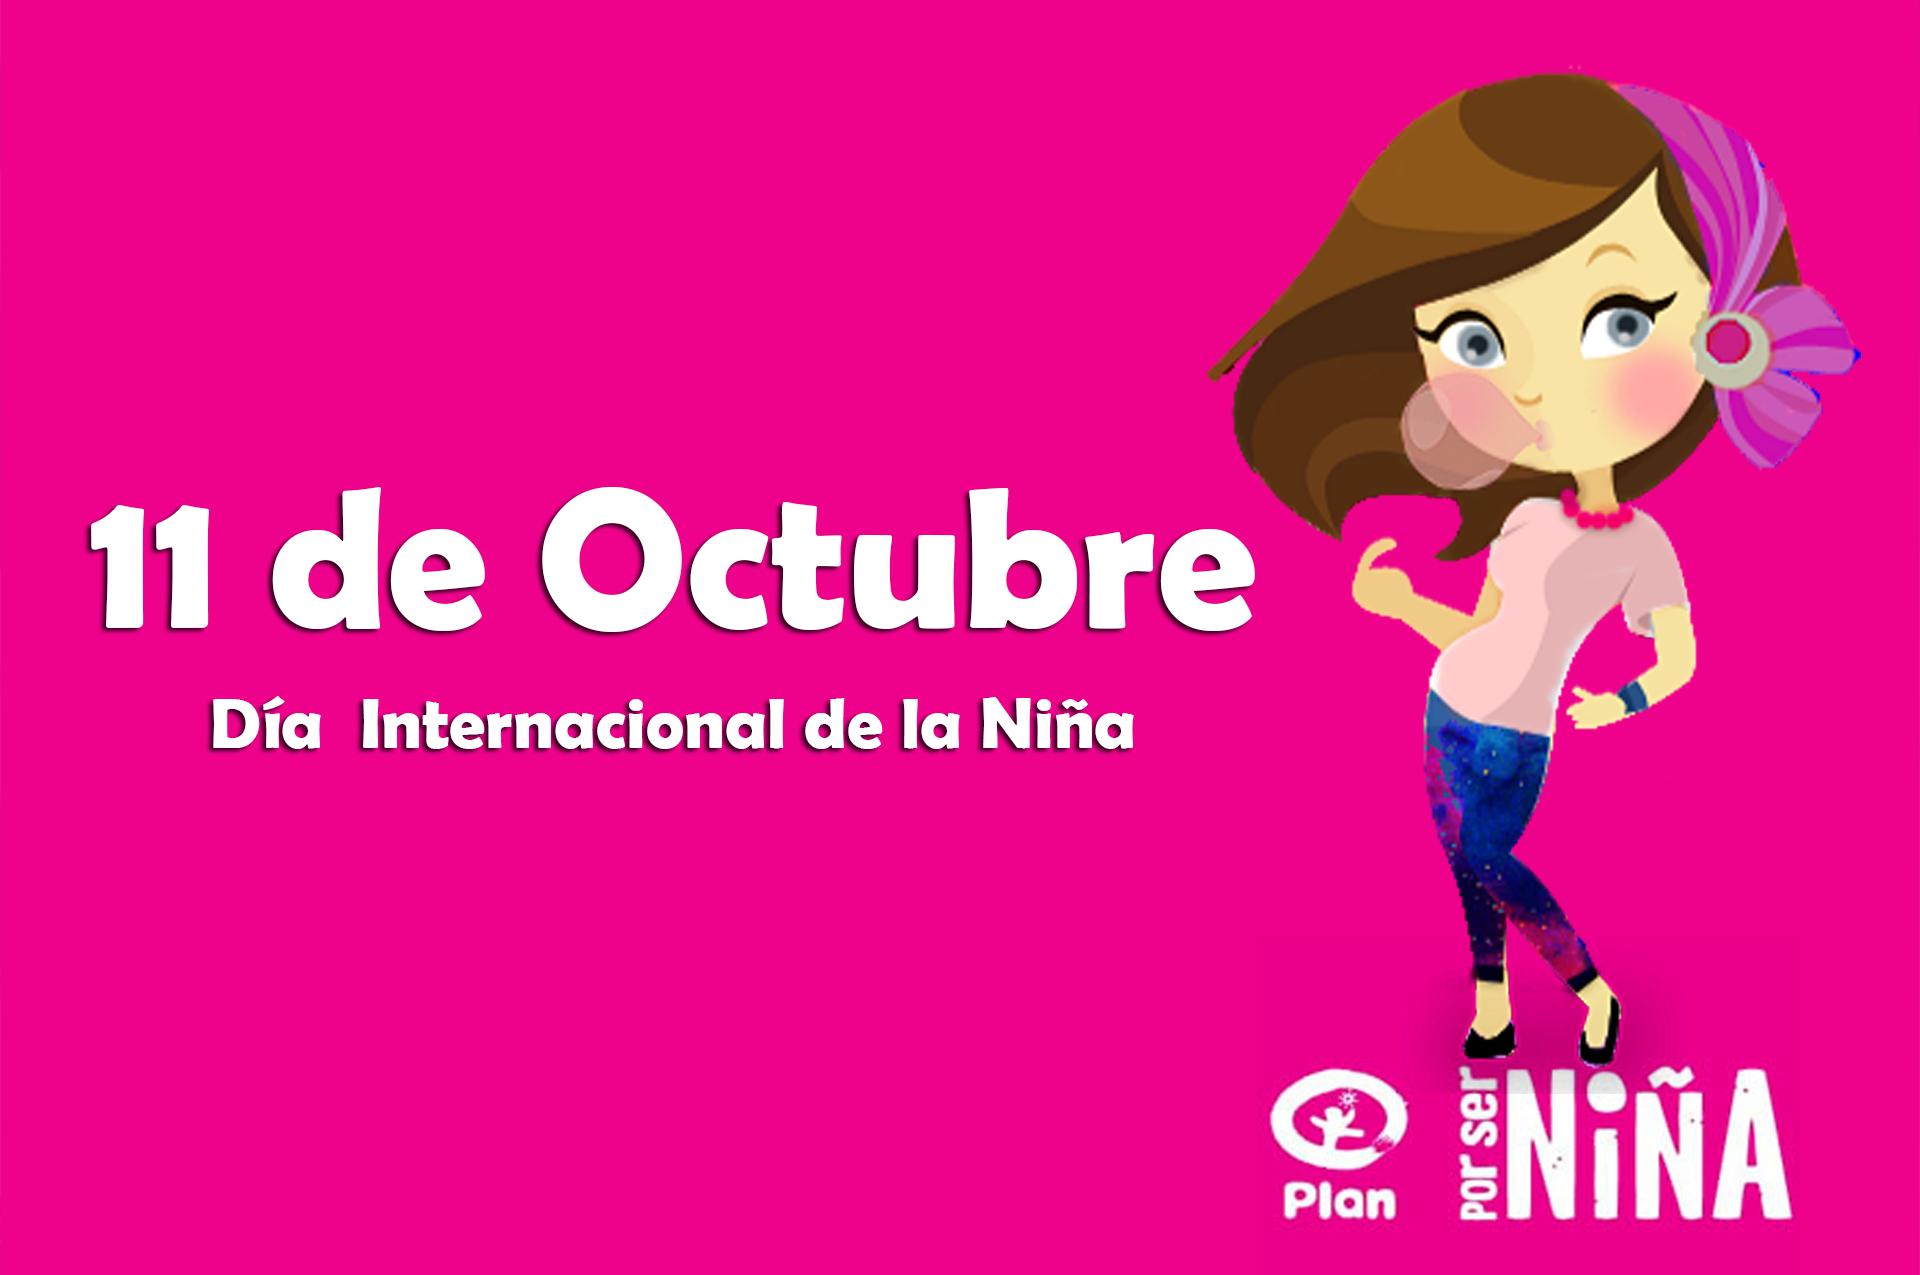 Comparte Esto 11 De Octubre Dia Internacional De Las Ninas Los Objetivos De Desarrollo Sostenible Recient Feliz Dia Nino Feliz Dia Dia Internacional Del Nino Feliz dia de la mujer!! desarrollo sostenible recient